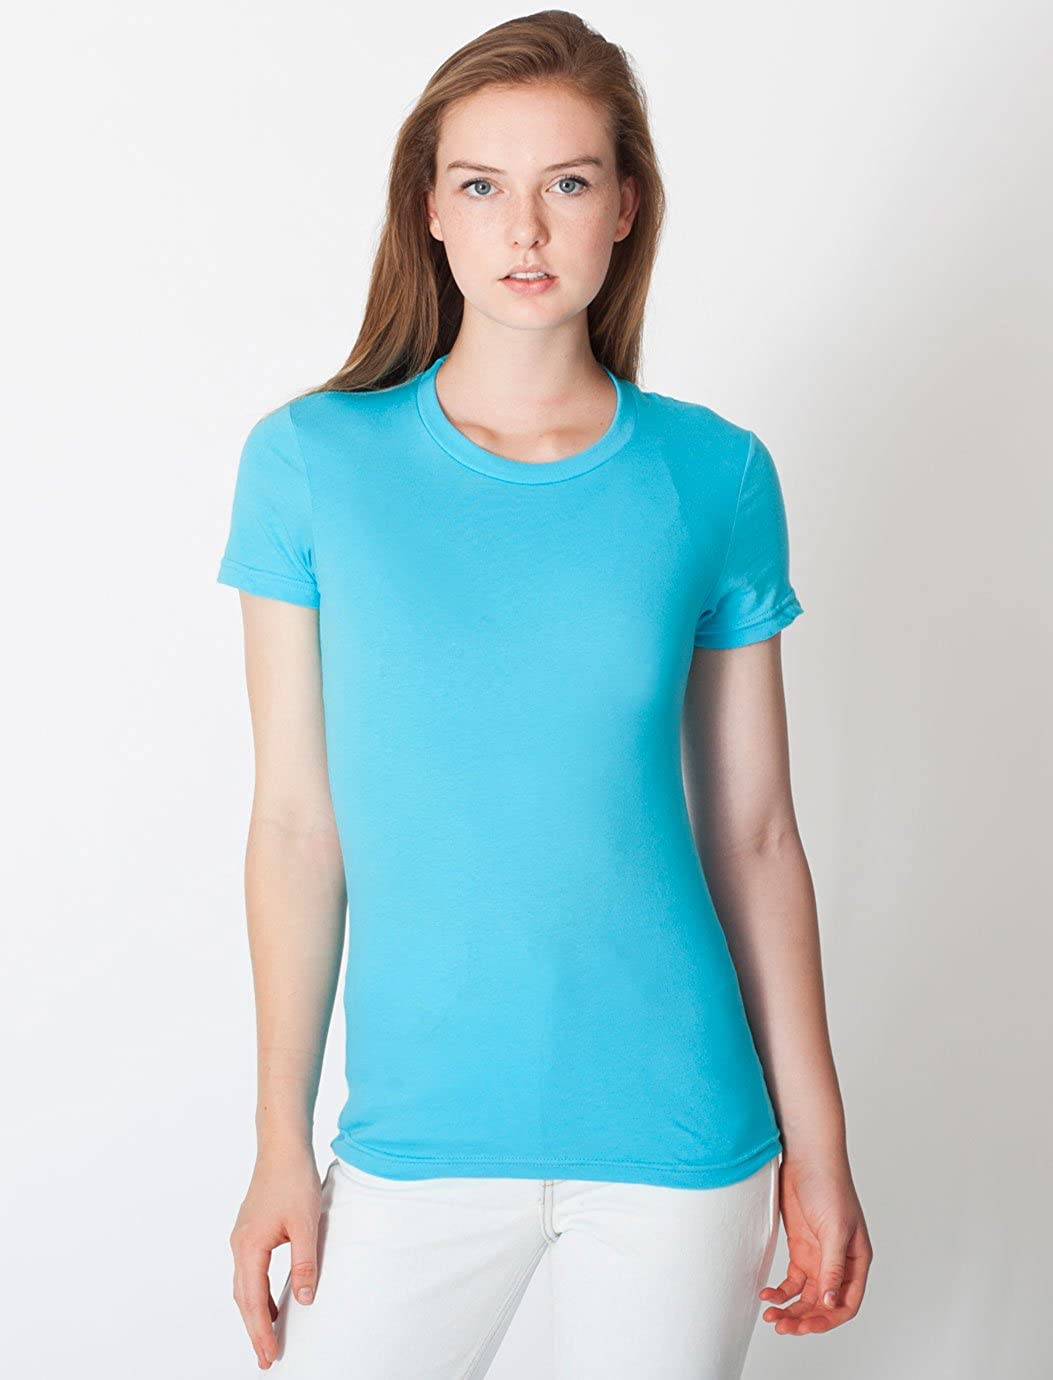 WS American Apparel Women Fine Jersey à encolure ras-du-cou à manches courtes Double Stitch T-Shirt